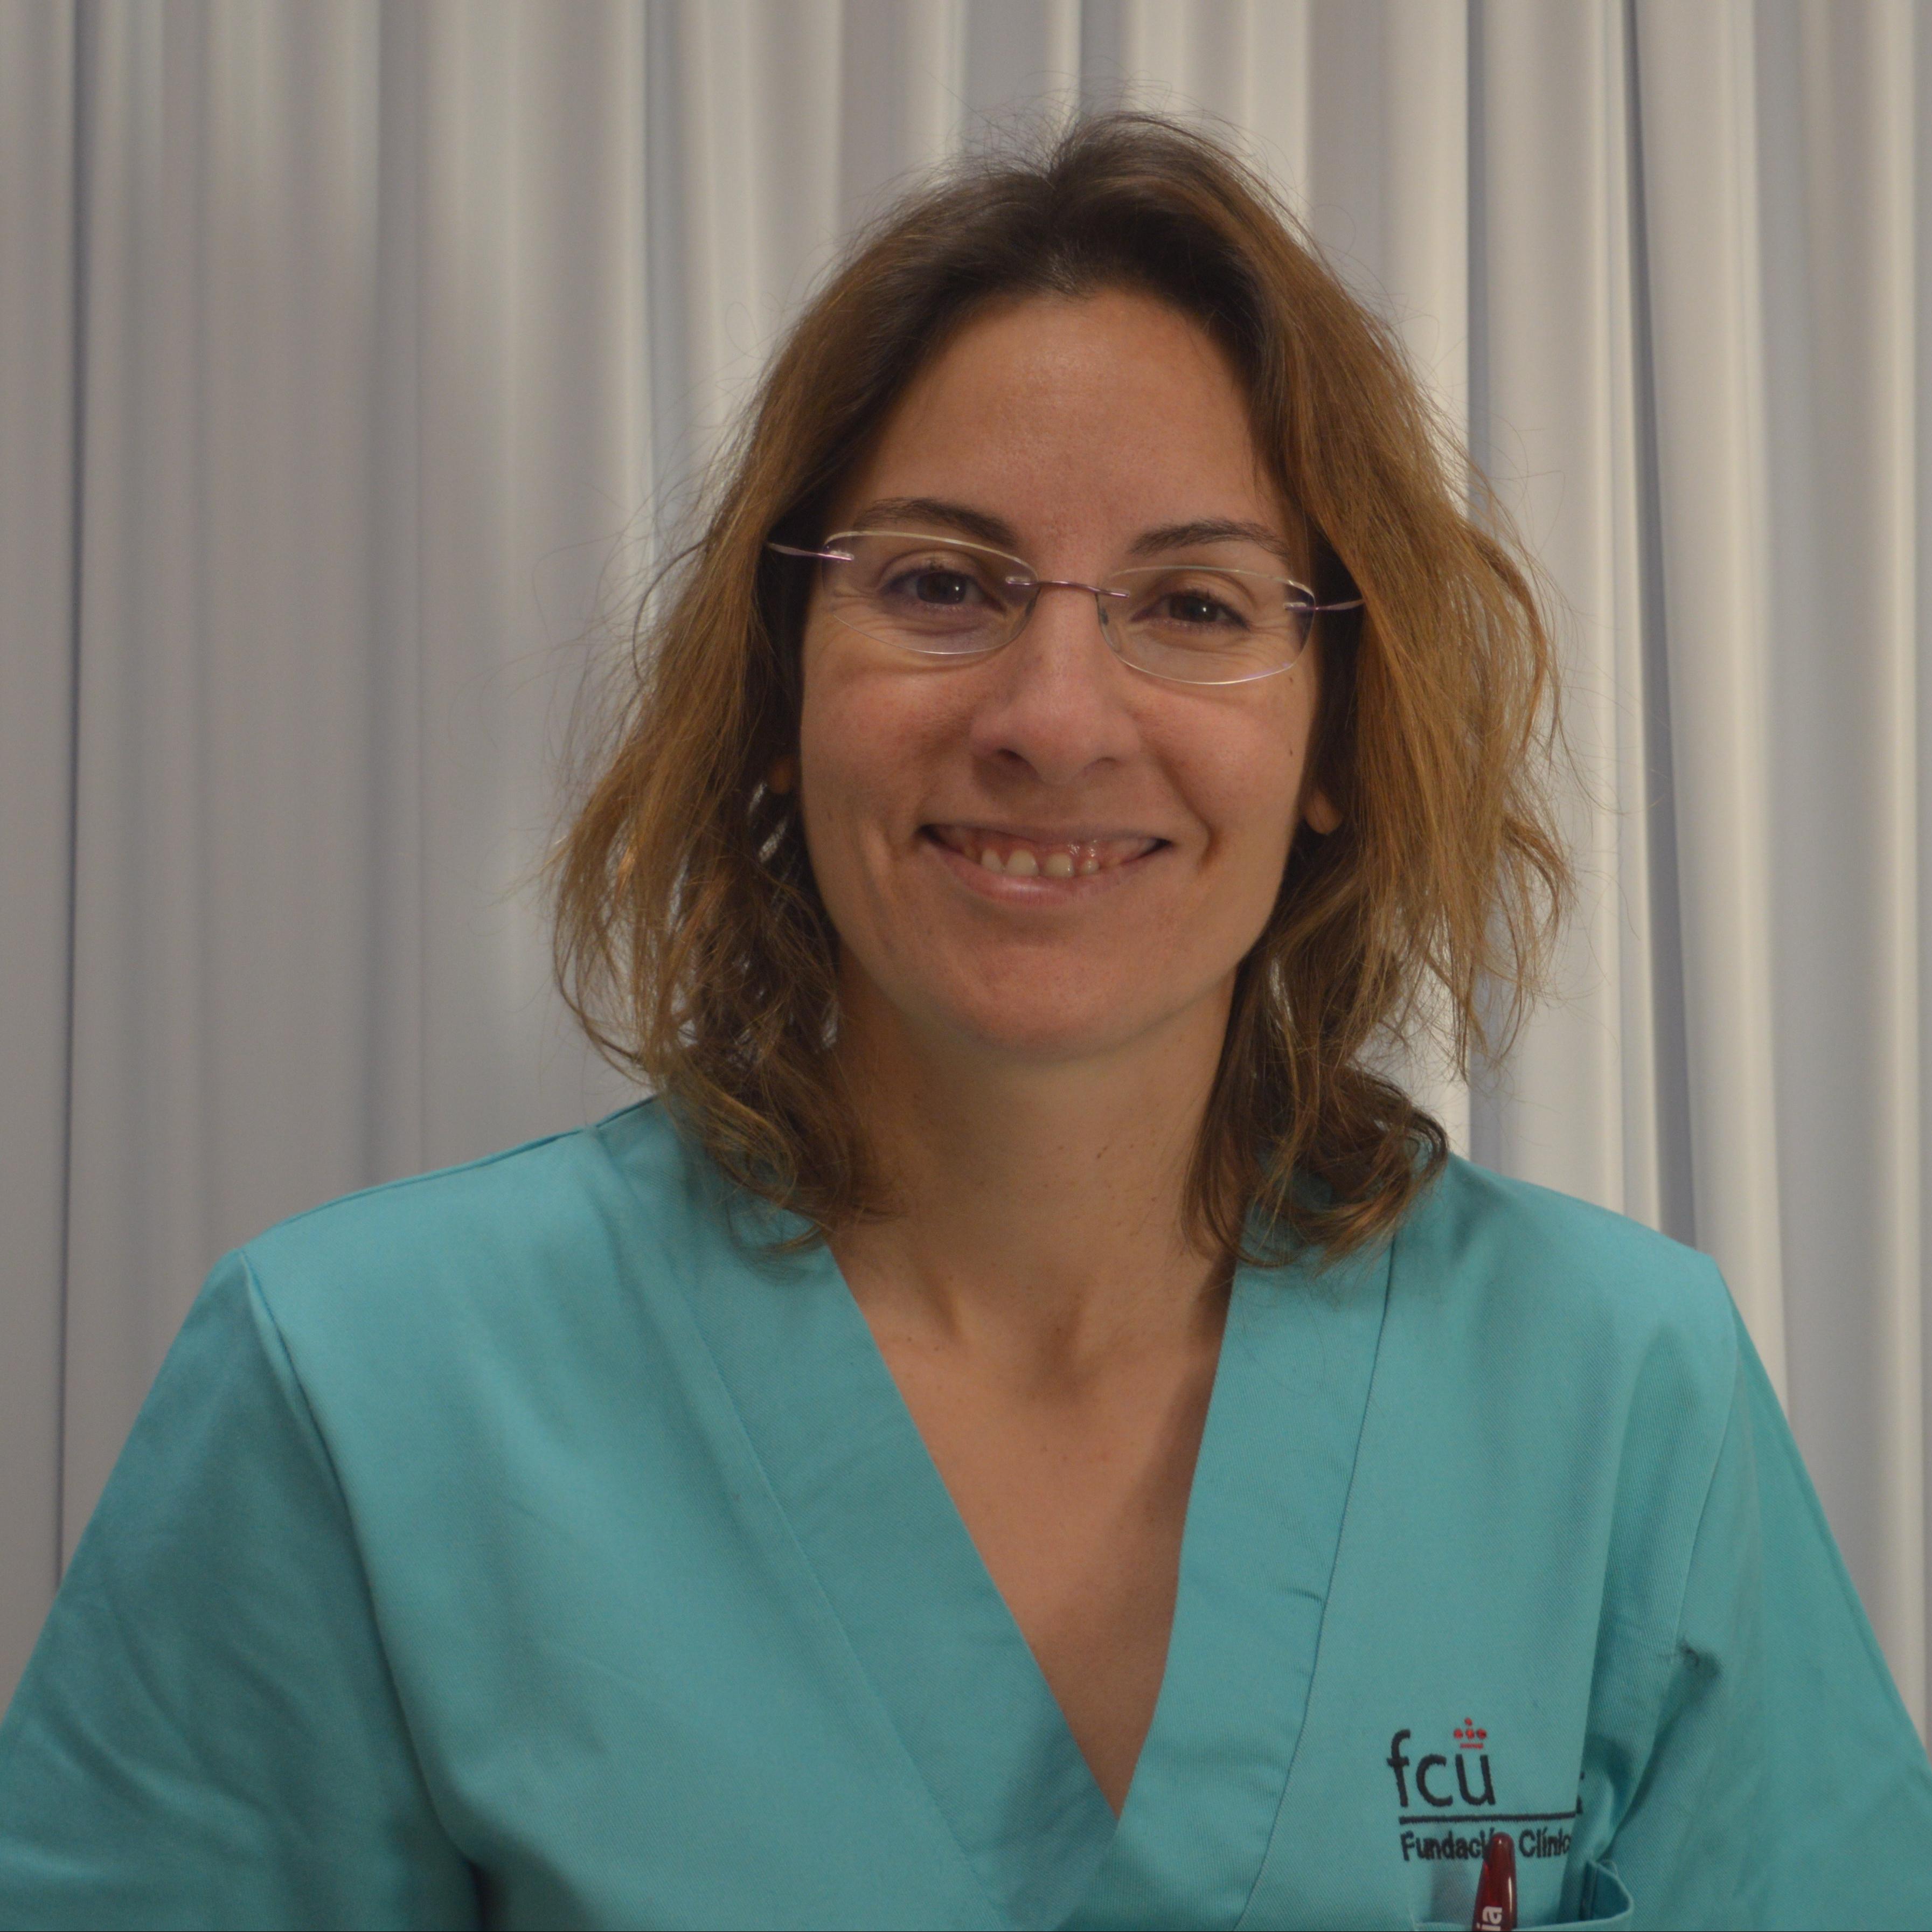 Silvia Méndez Eirey